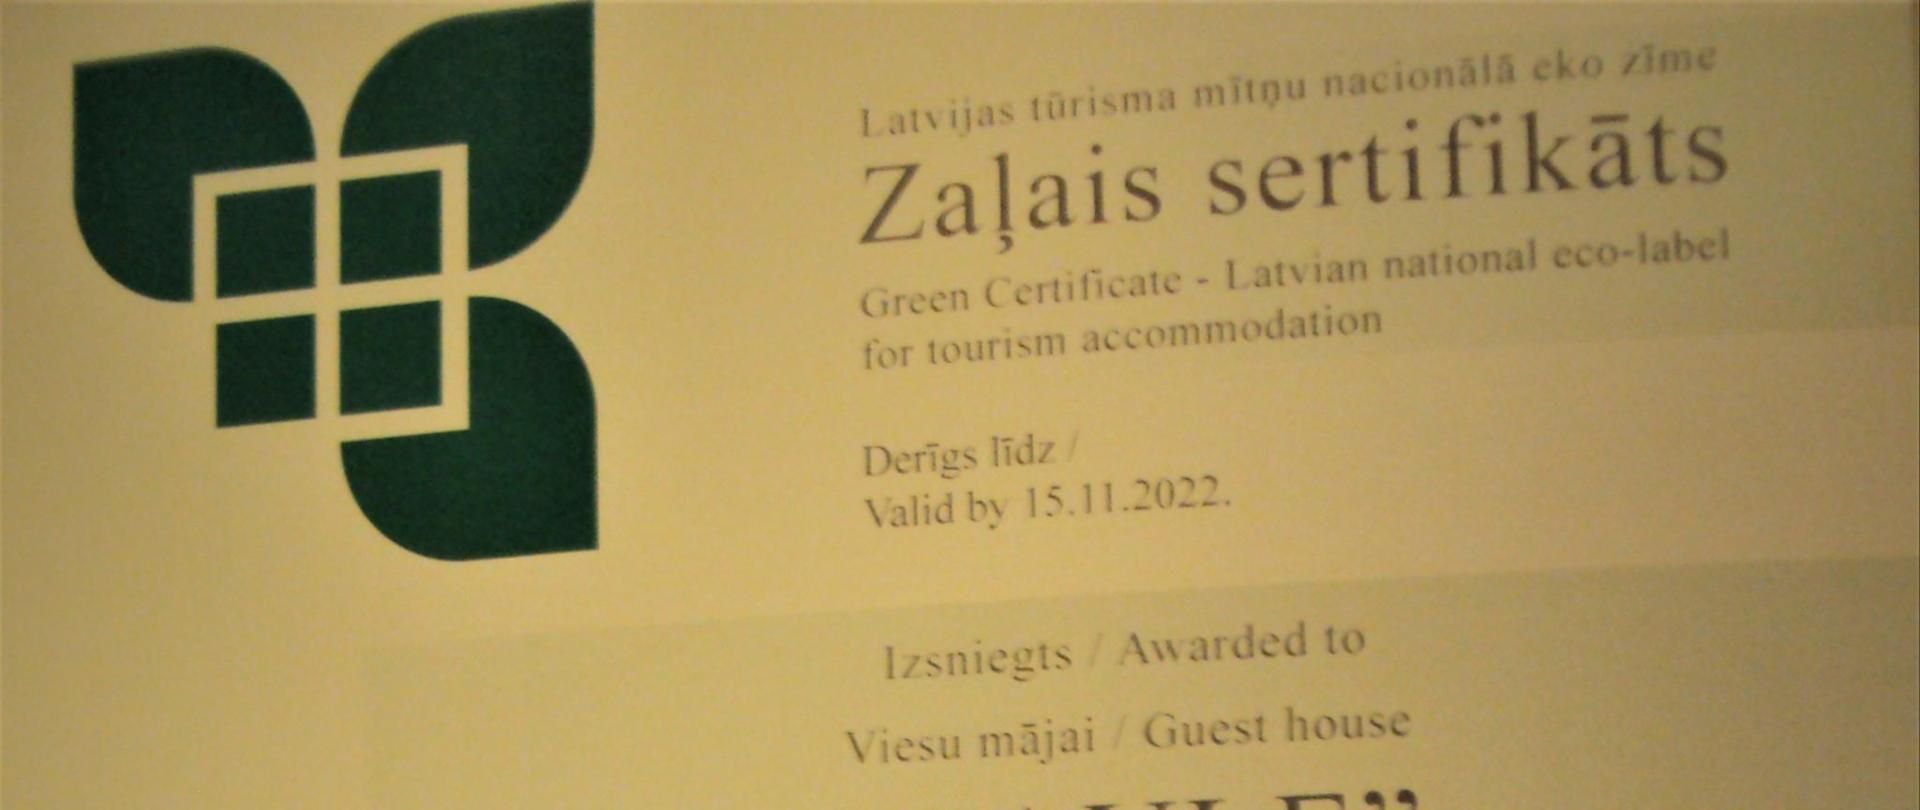 Zaļais sertifikāts 2019..JPG